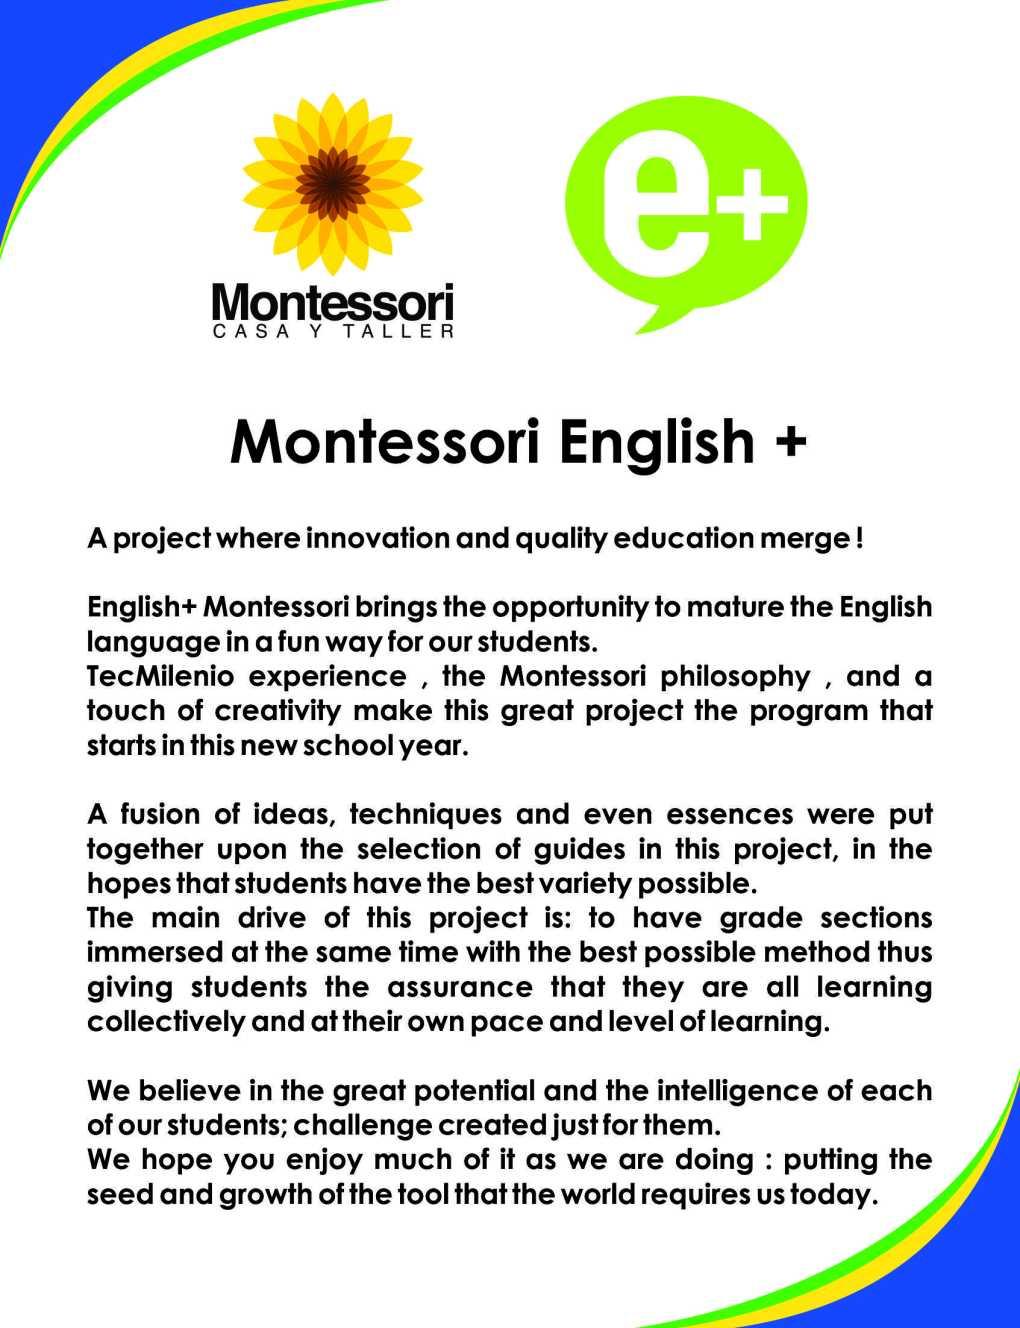 MONTESSORI E+